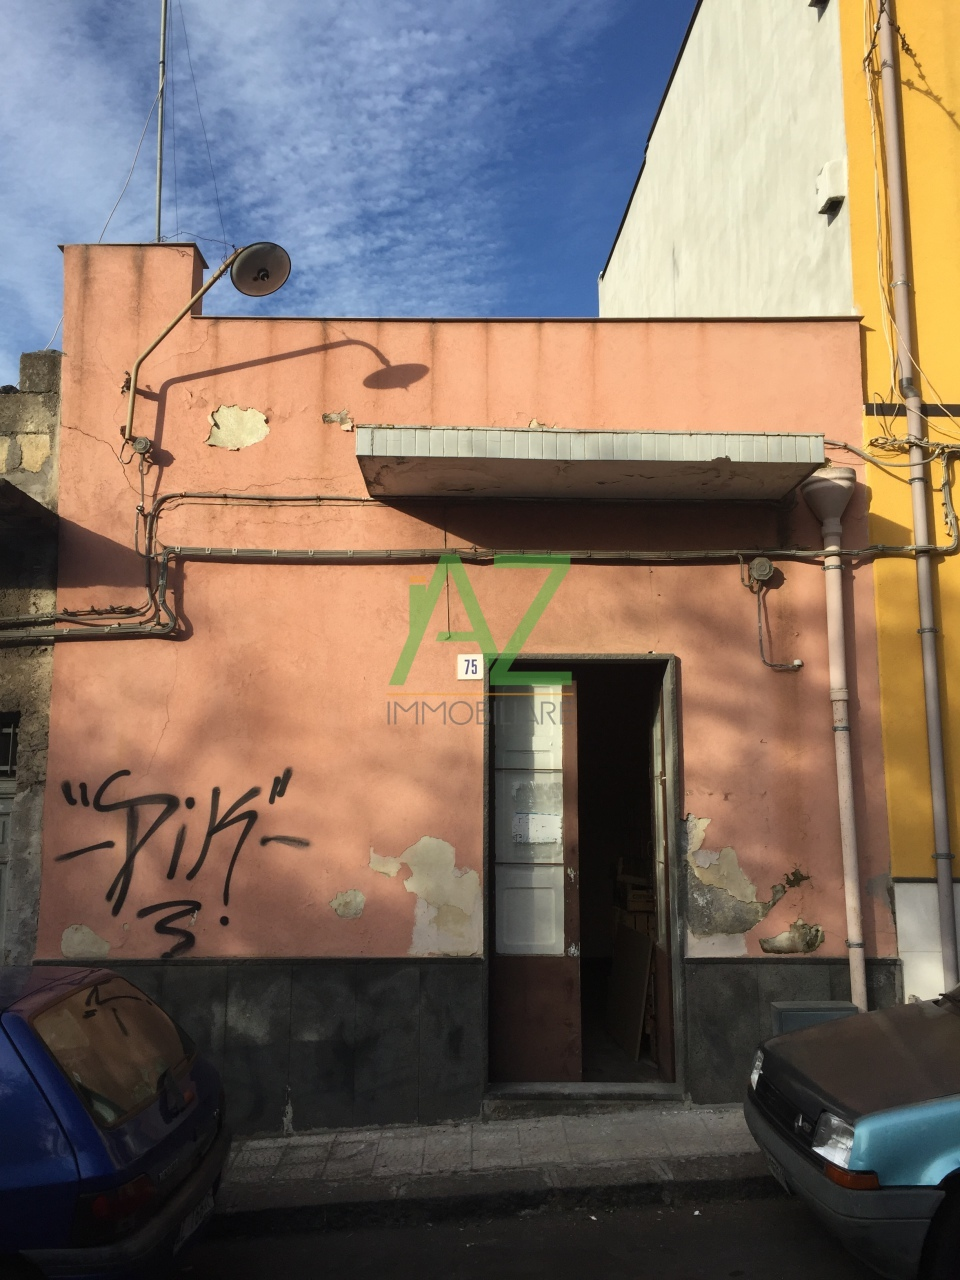 Bilocale Misterbianco Via Carracciolo 75 1